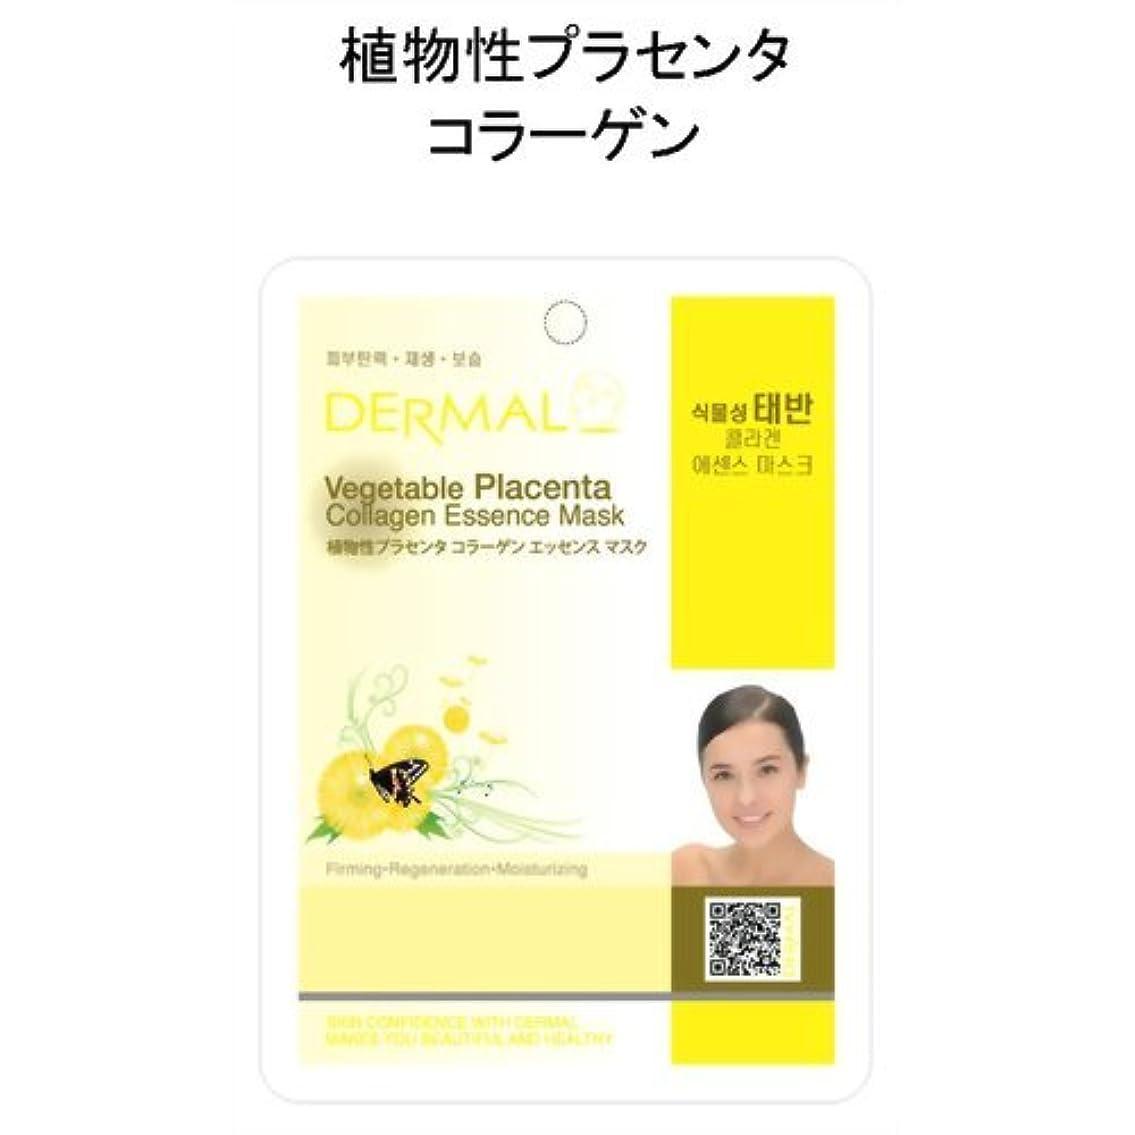 委員会リネン大事にする新DERMAL ダーマル シートマスク 植物プラセンタコラーゲン 人気韓国パック